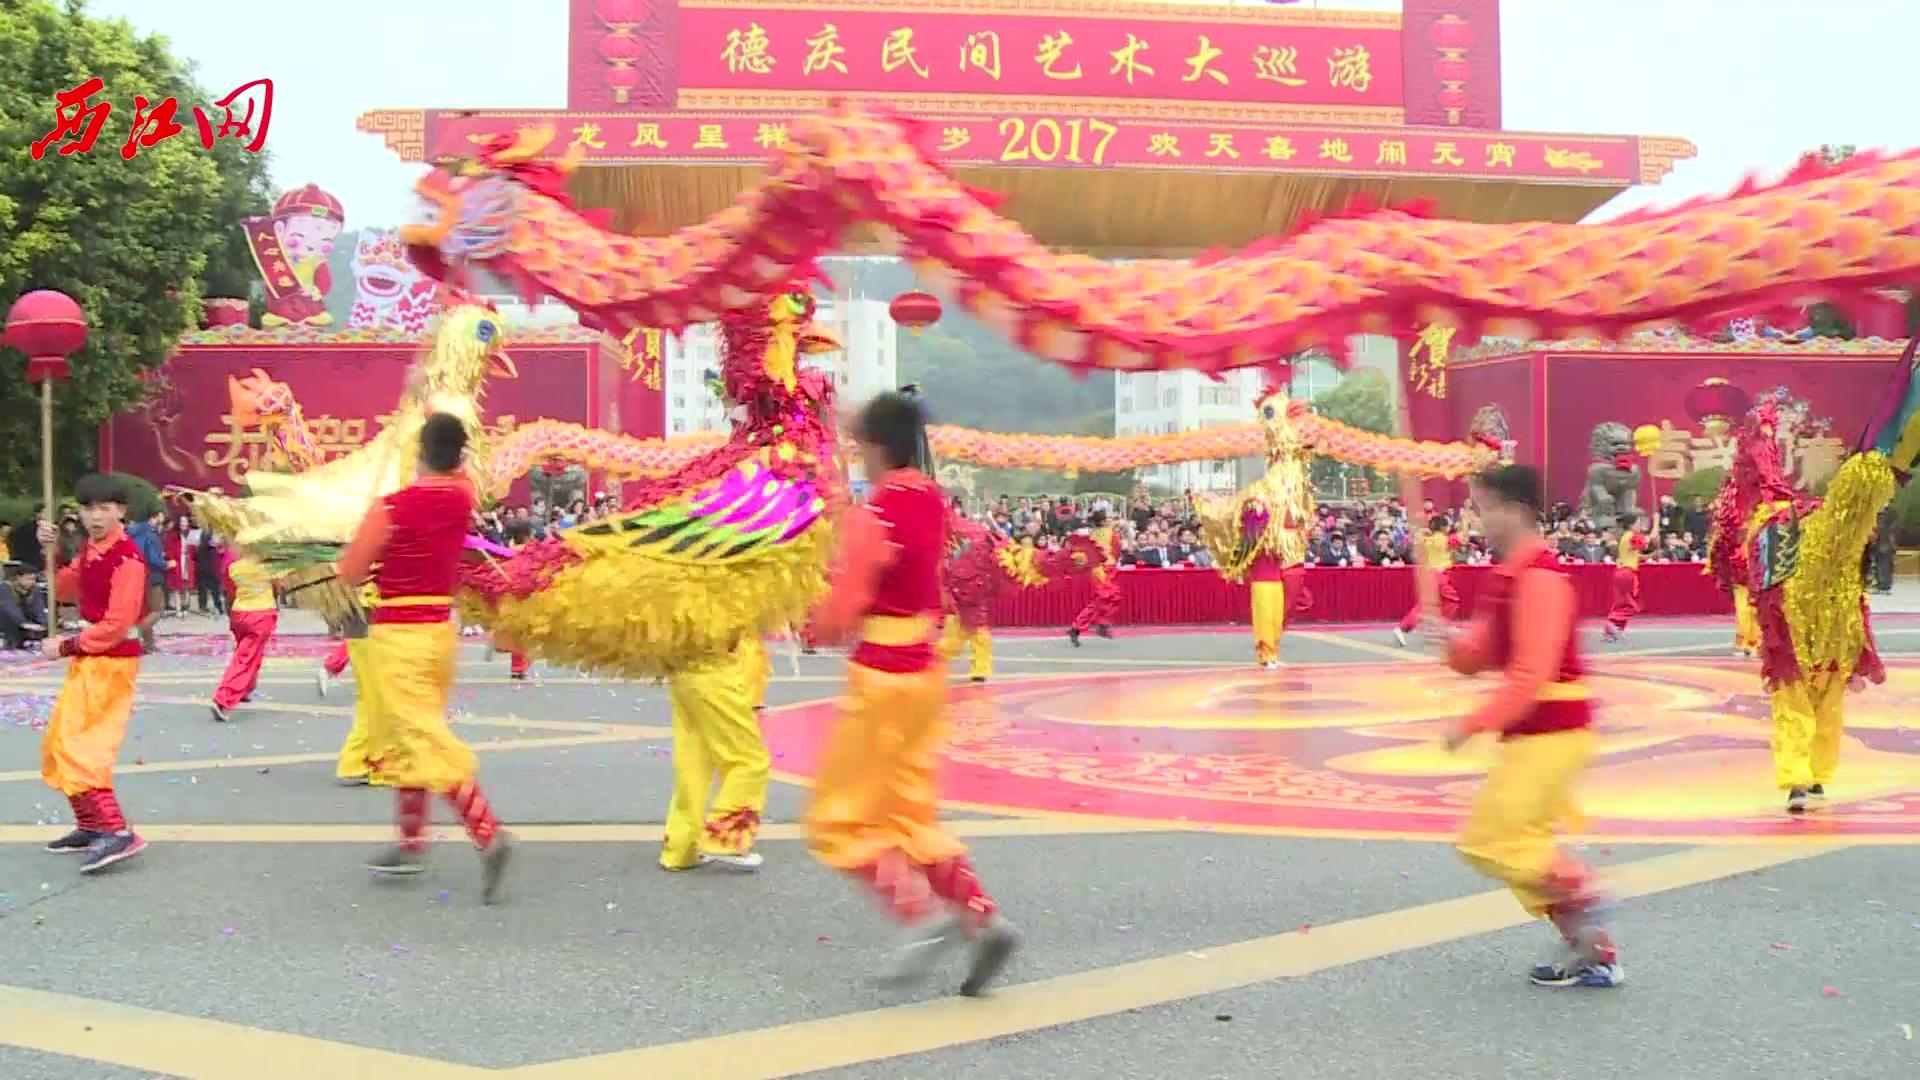 30万群众齐聚德庆同贺元宵 民间艺术巡游精彩纷呈